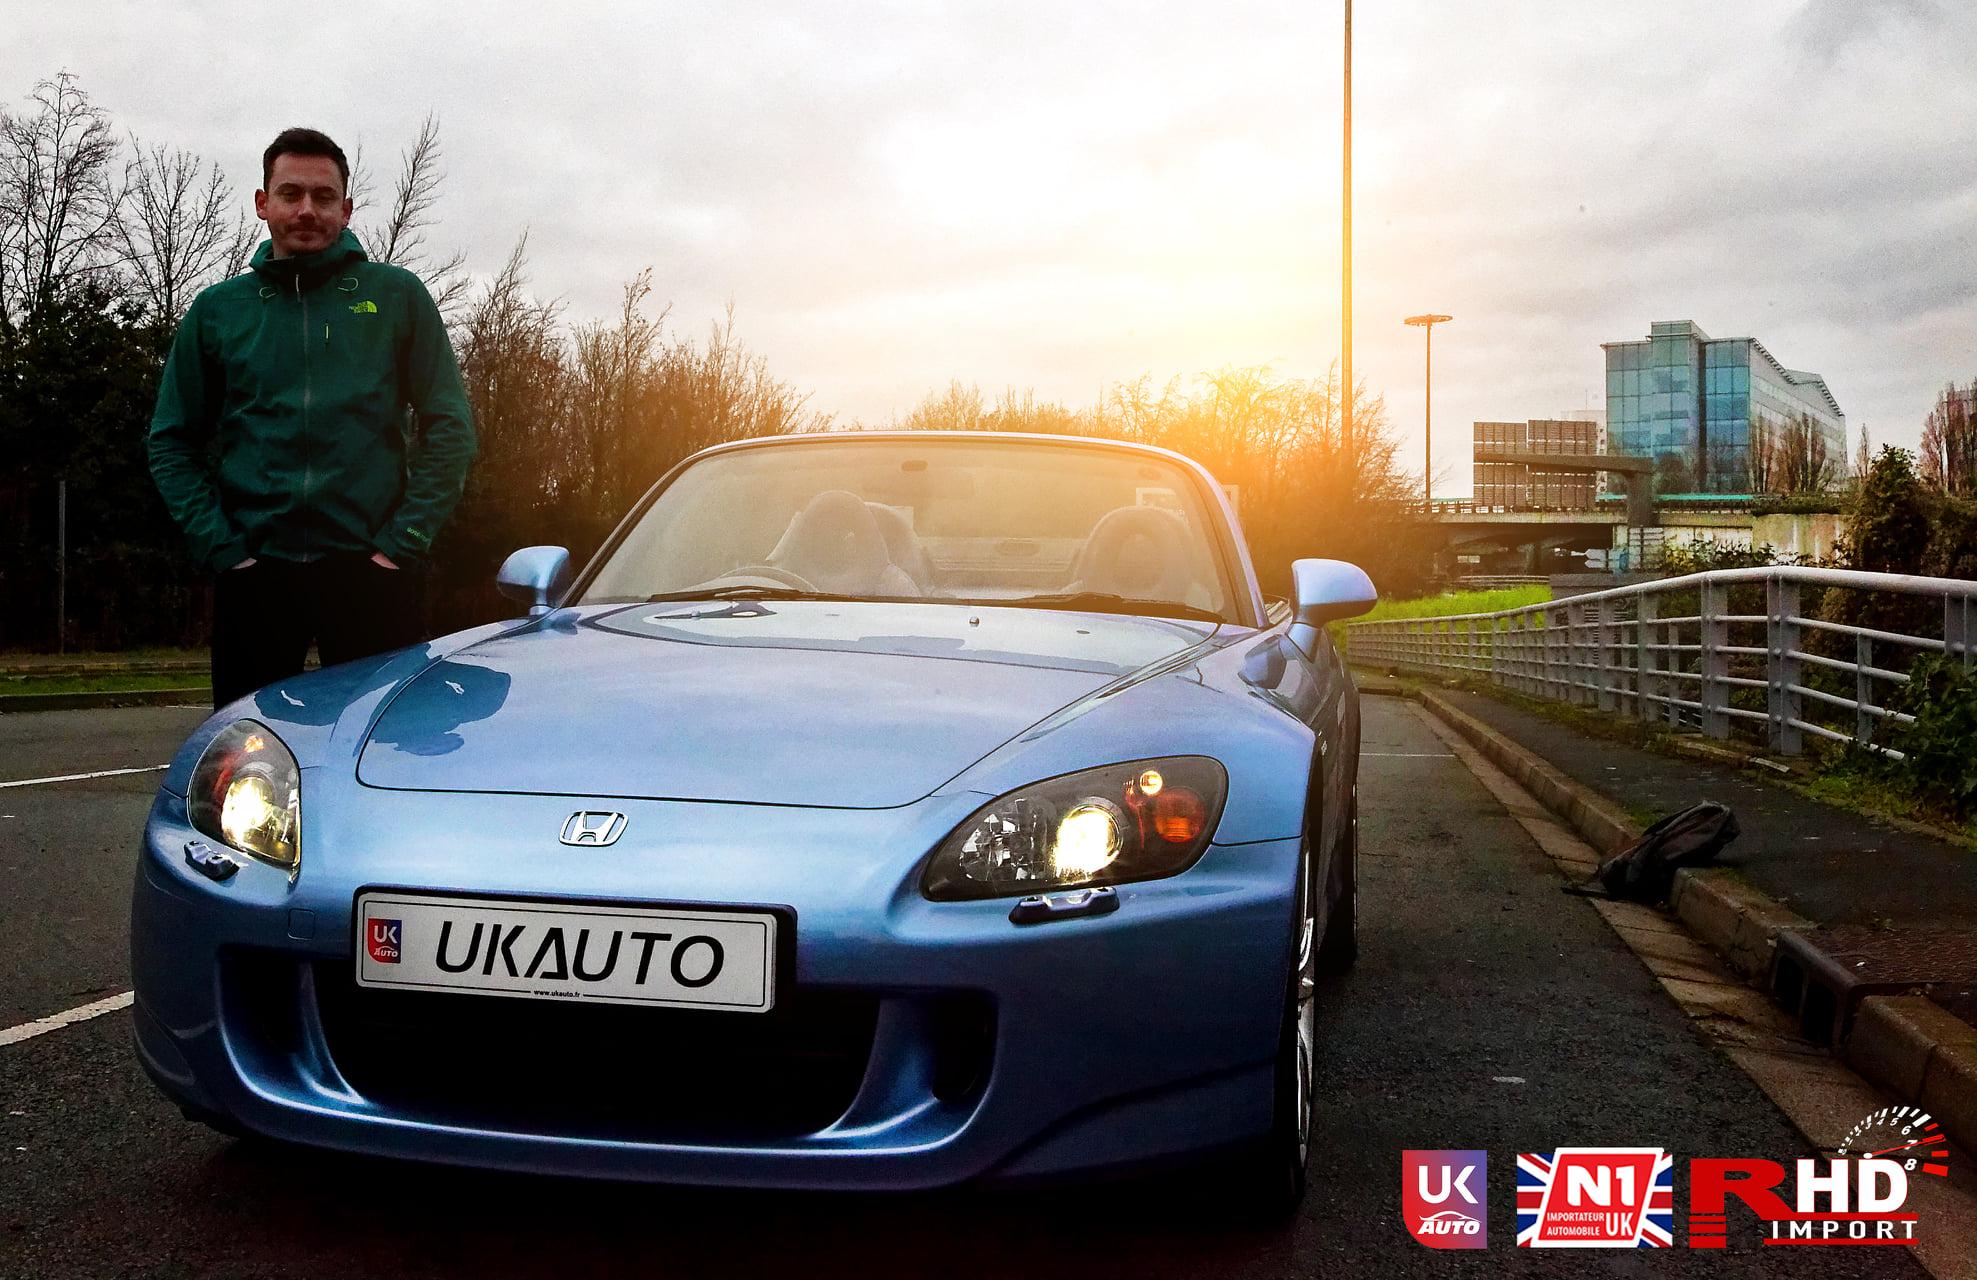 Voiture anglaise et brexit Honda S20006 - Voiture anglaise et brexit Honda S2000